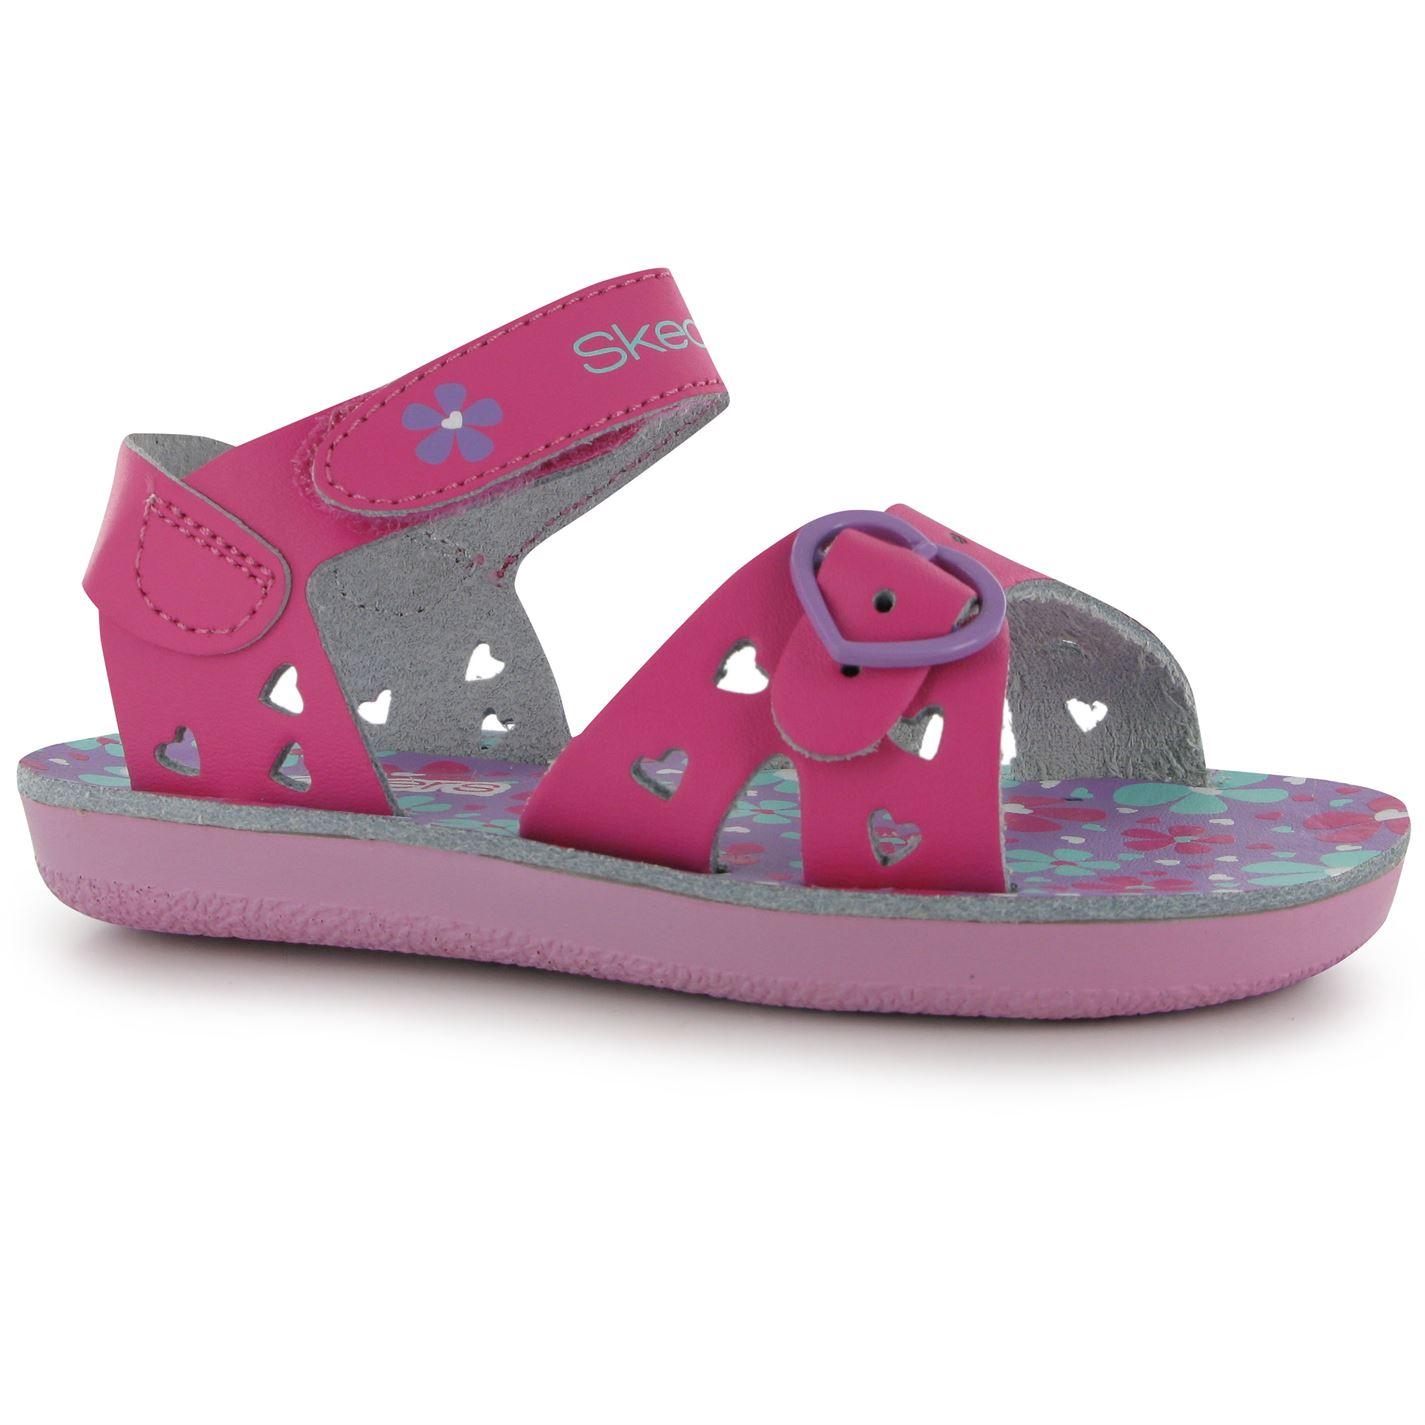 Sandale Skechers Buttercup pentru fete pentru Bebelusi